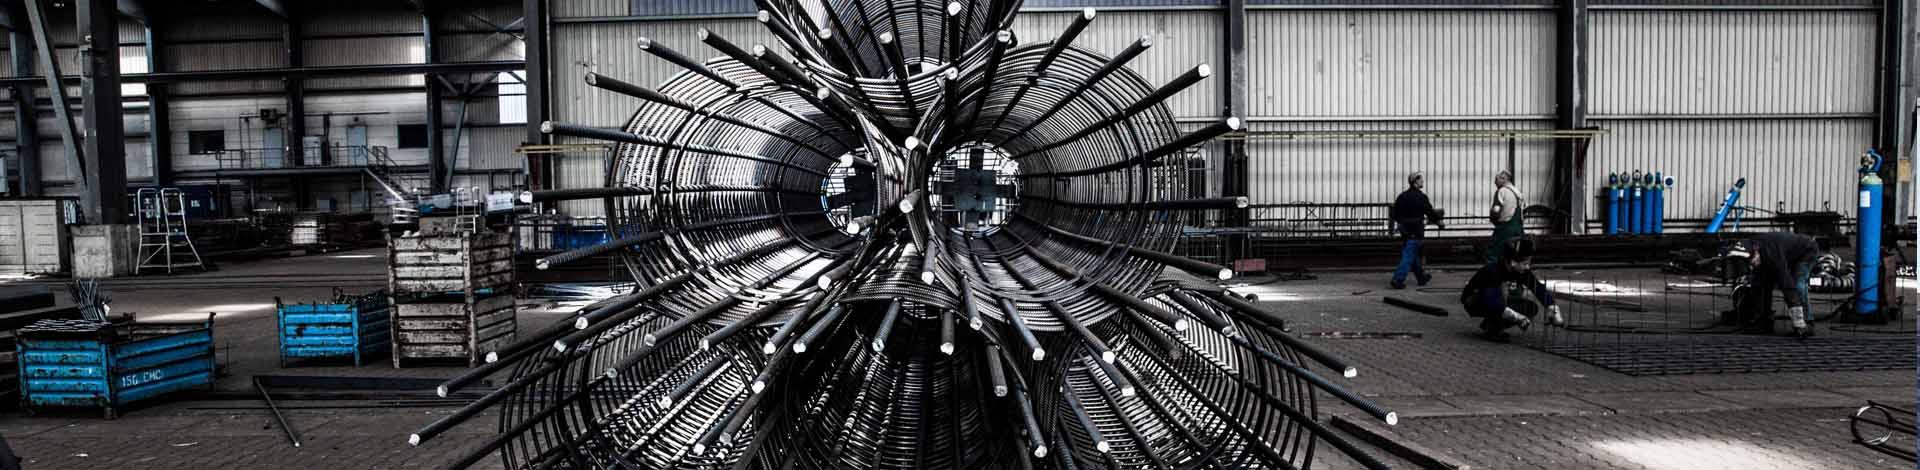 Bewehrungsstahl von SÜLZLE Stahlpartner: an 14 Standorten in Deutschland